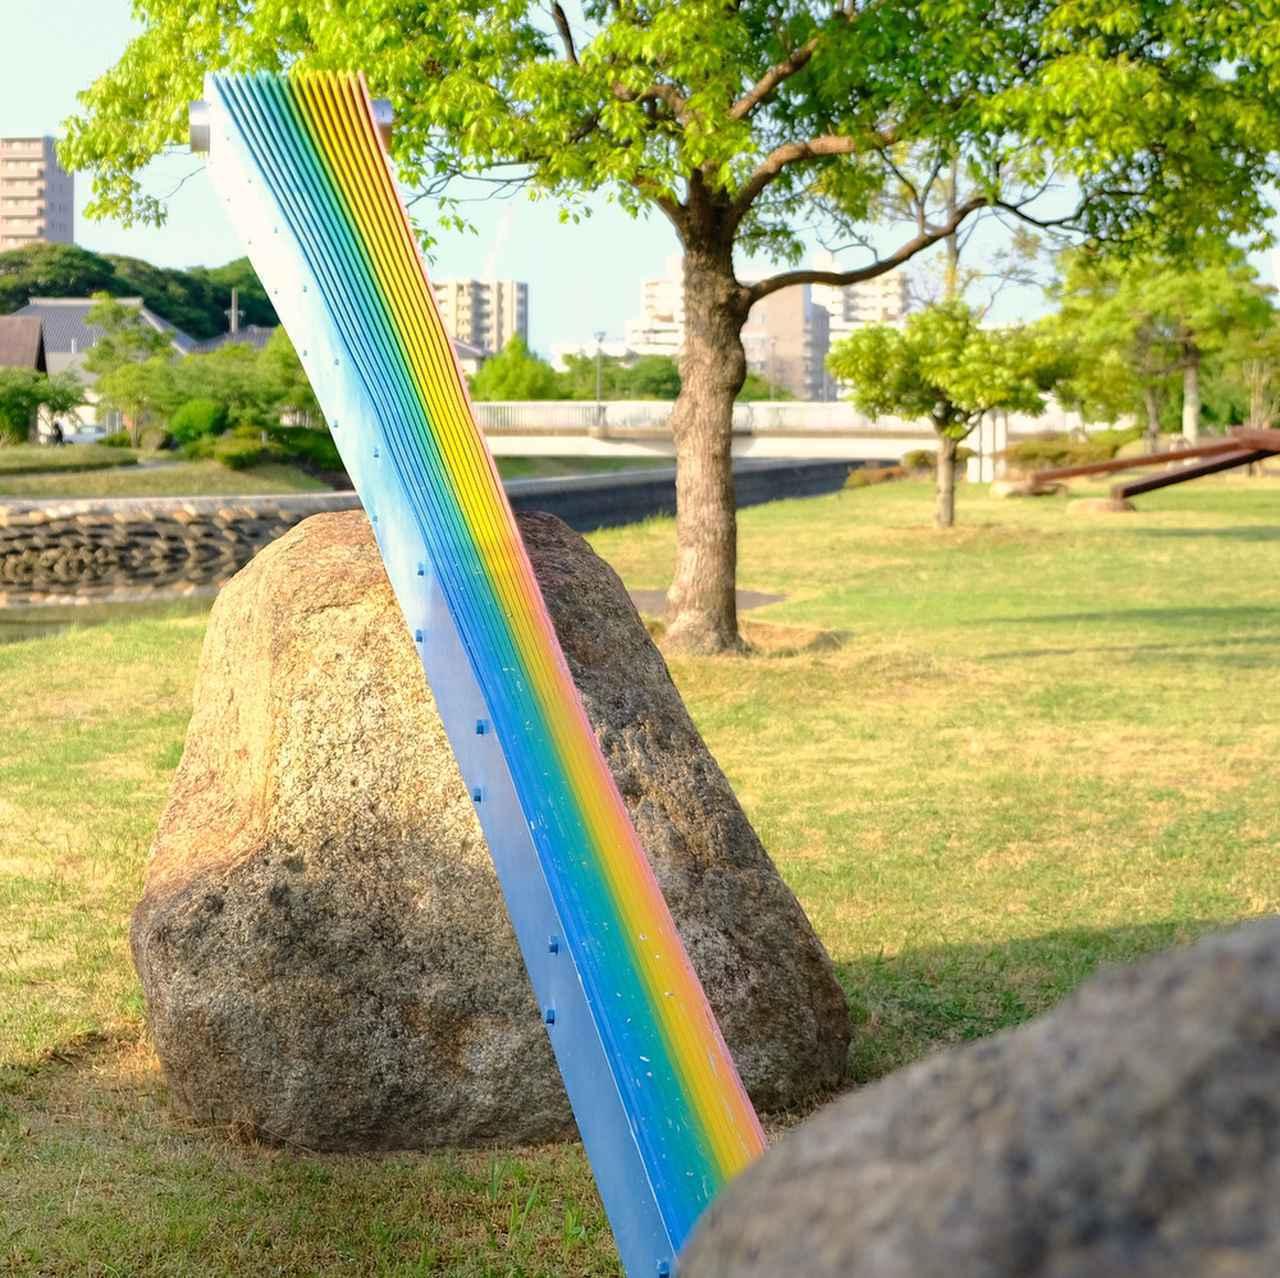 画像: 人工的な素材に「虹」という自然界の色が着色され、さらにそれを自然石が支えている。自然と人工という相対するものがひとつの作品になるという、私たちの生きる世界の縮図なのかなと解釈しました。